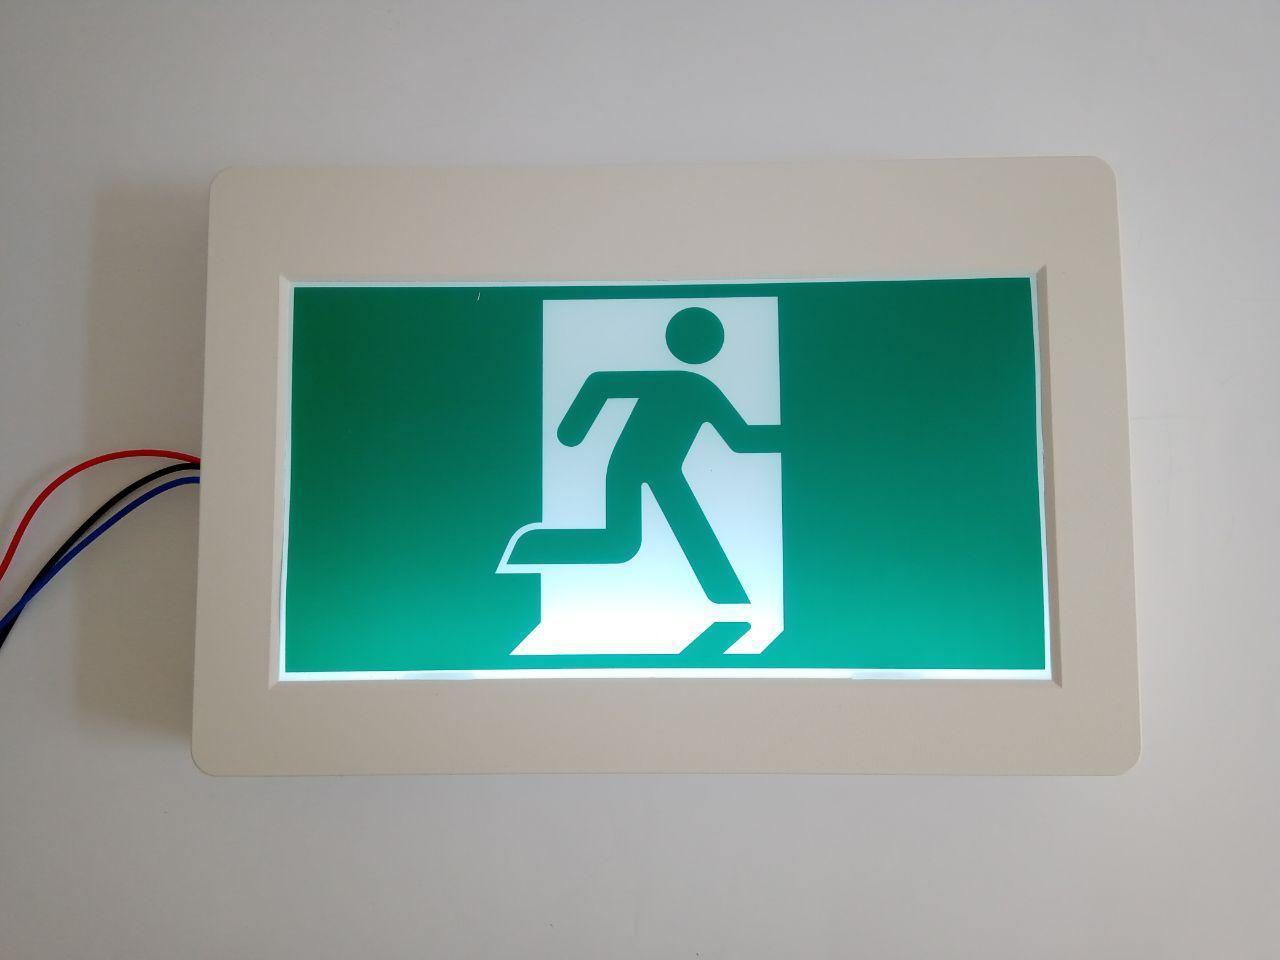 Настенный указатель эвакуационного выхода аккумуляторный для аварийного освещения 220В